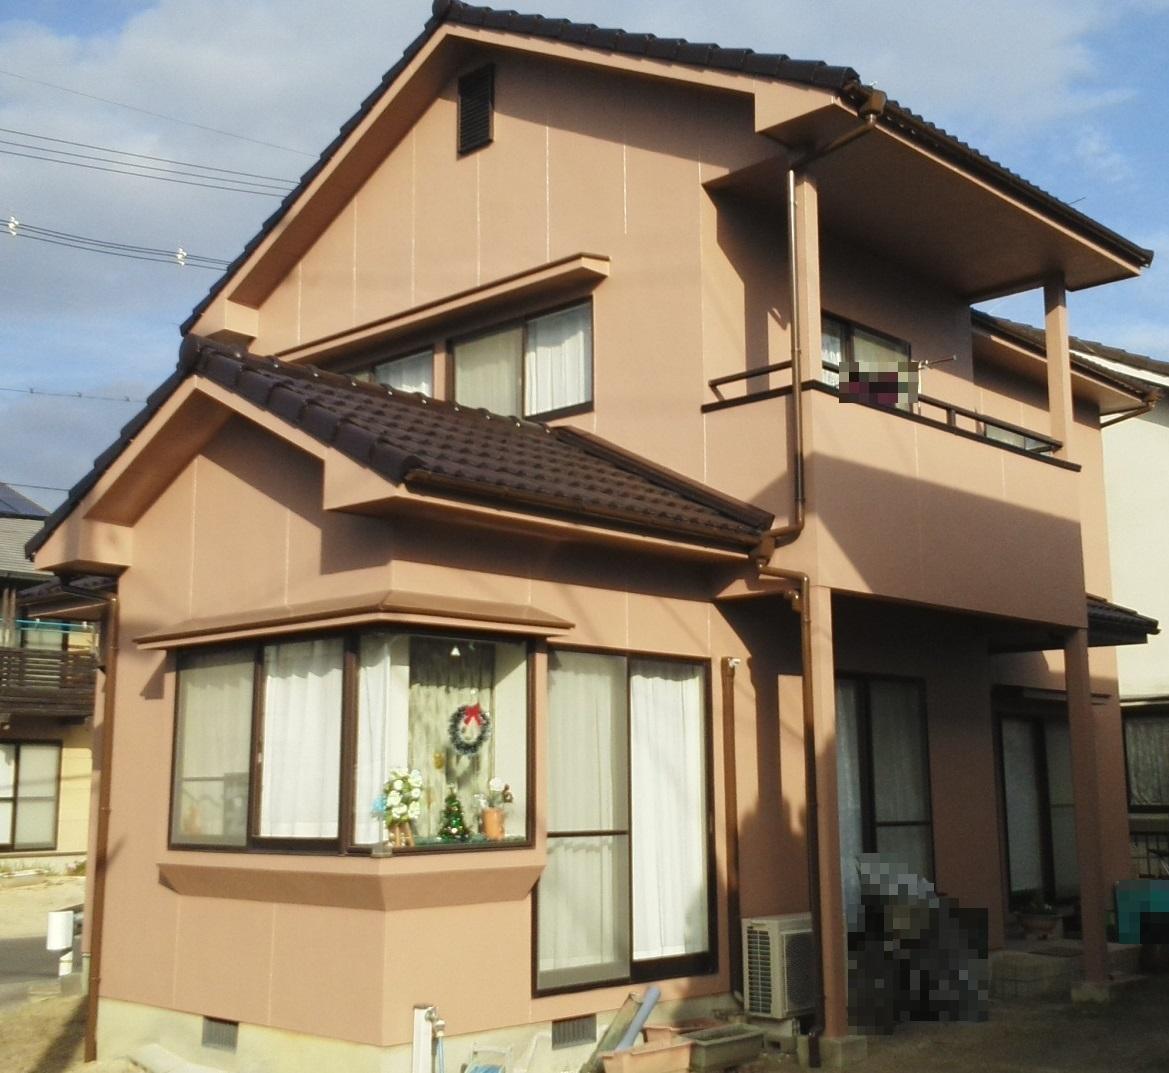 岡山市中区J様邸 屋根・外壁塗装工事 施工完了後